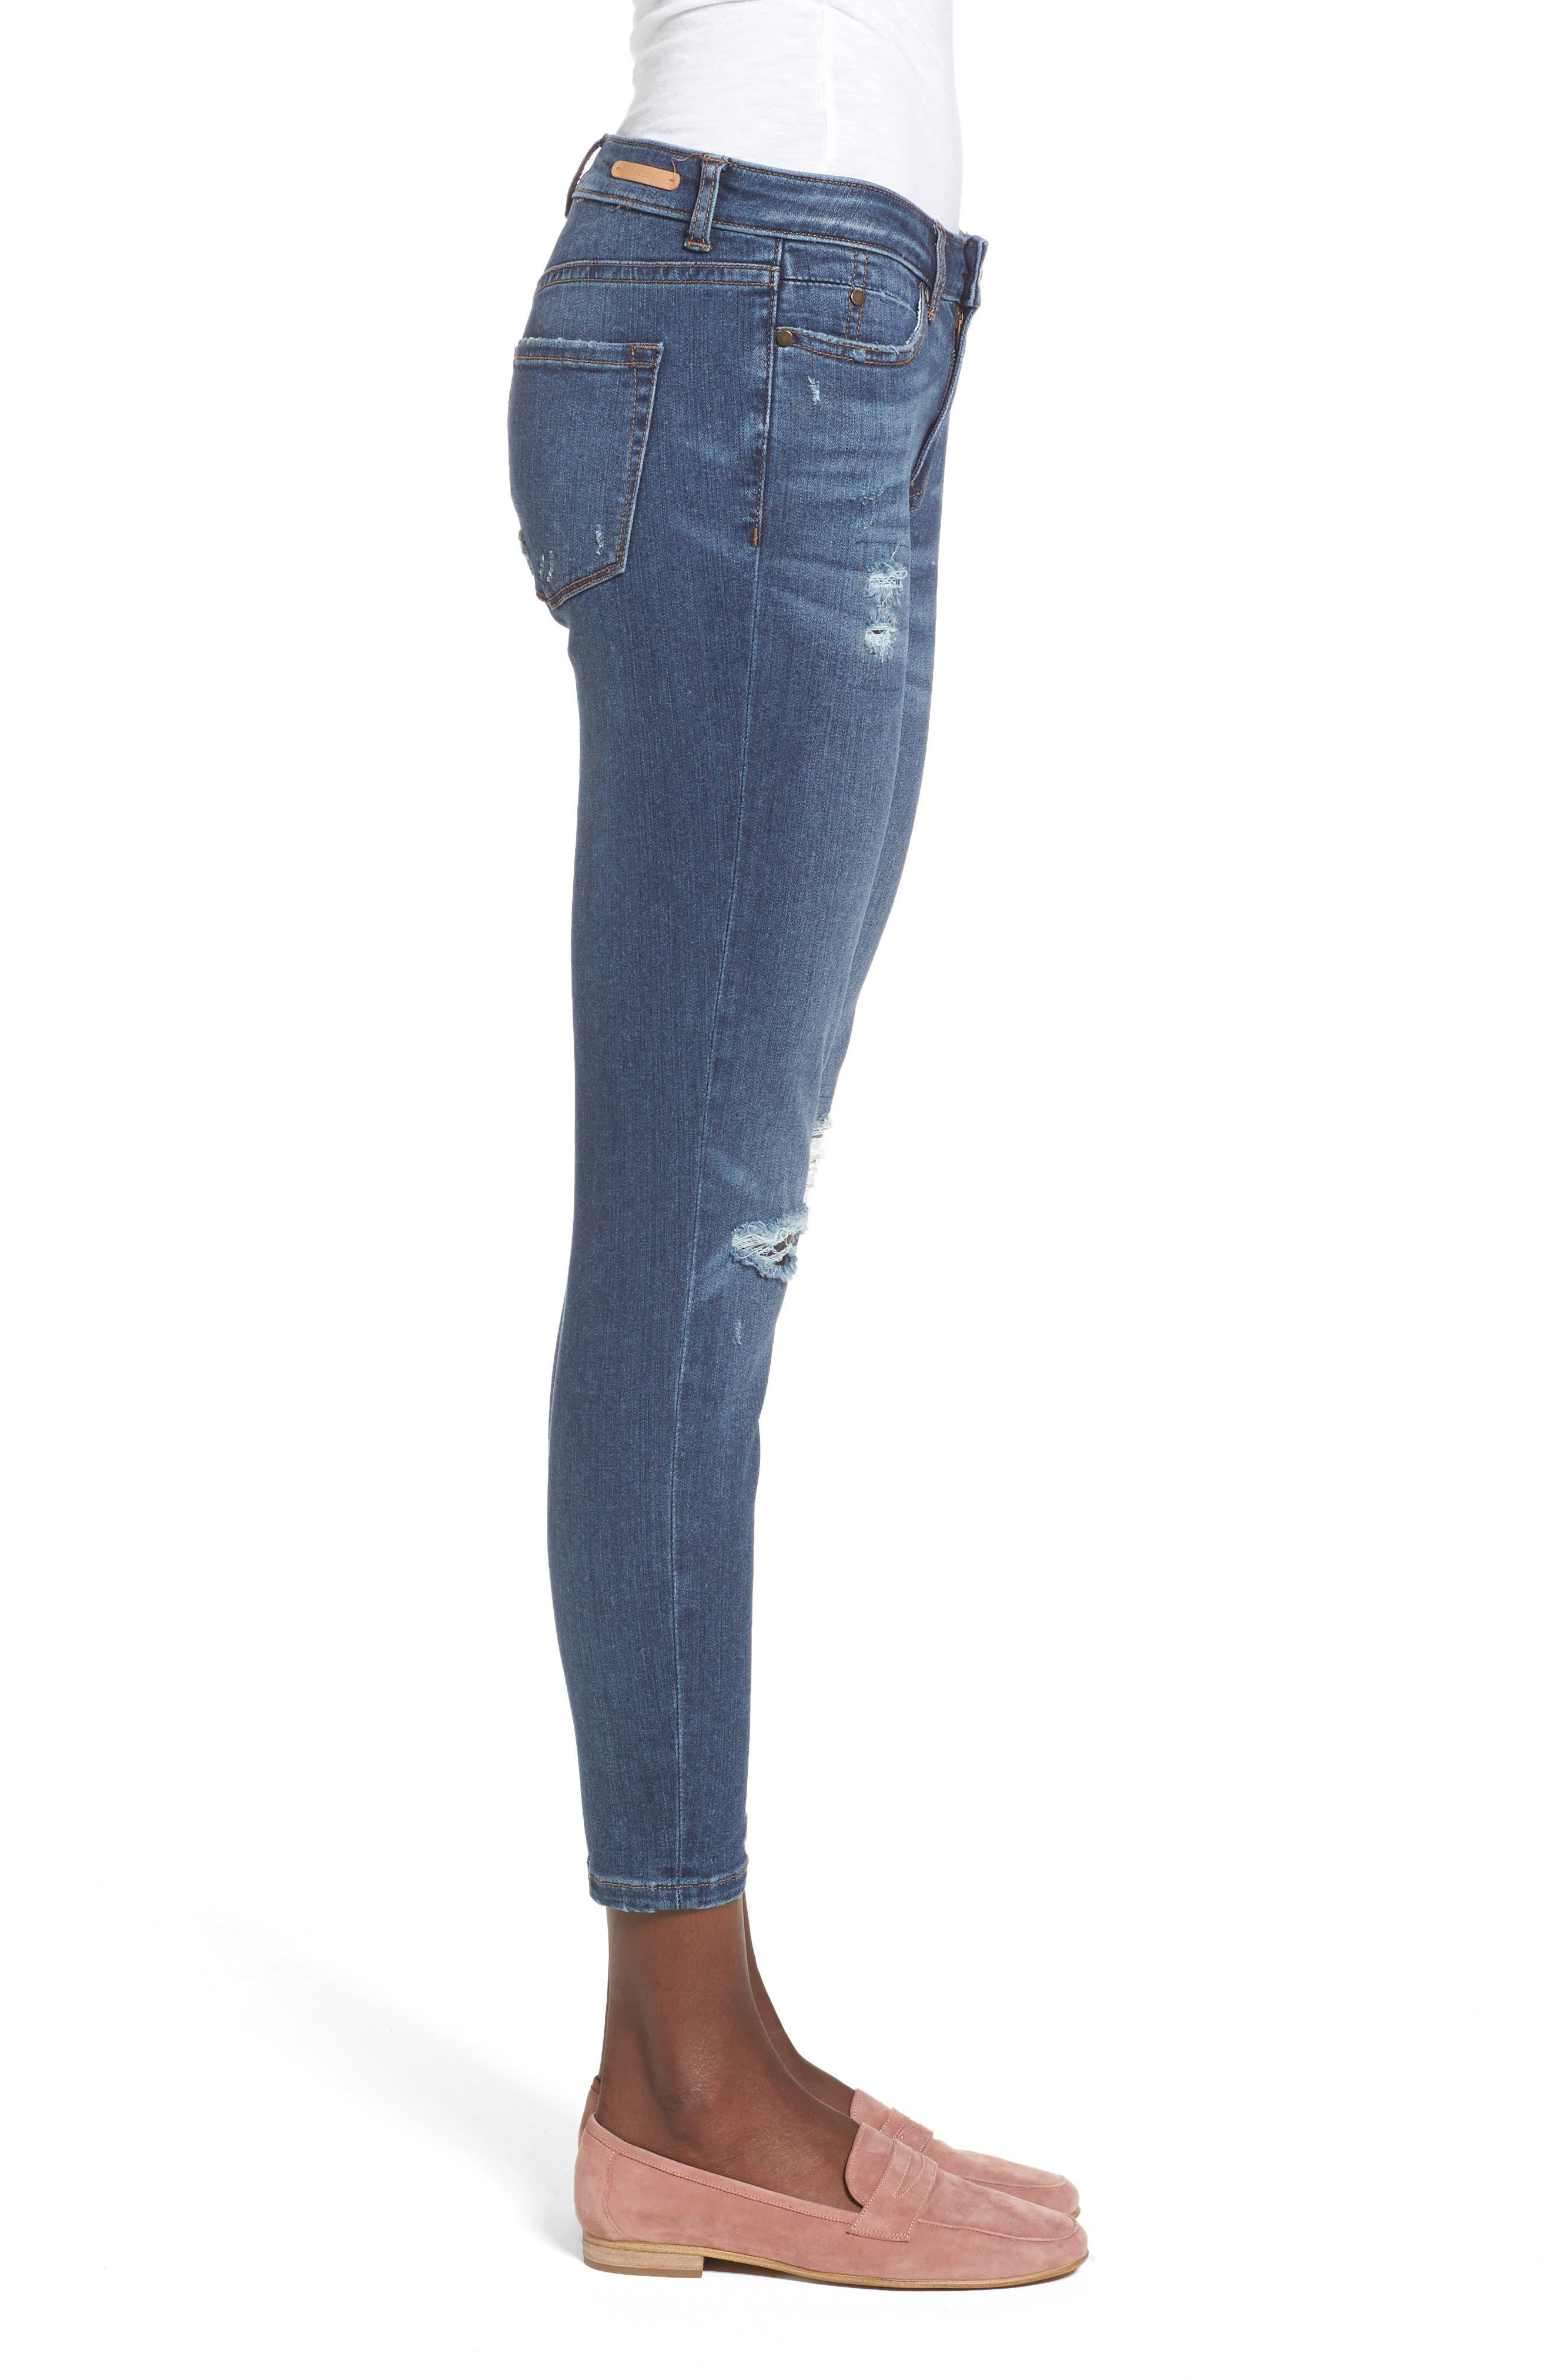 Rip & Repair Ankle Skinny Jeans,                             Alternate thumbnail 3, color,                             420